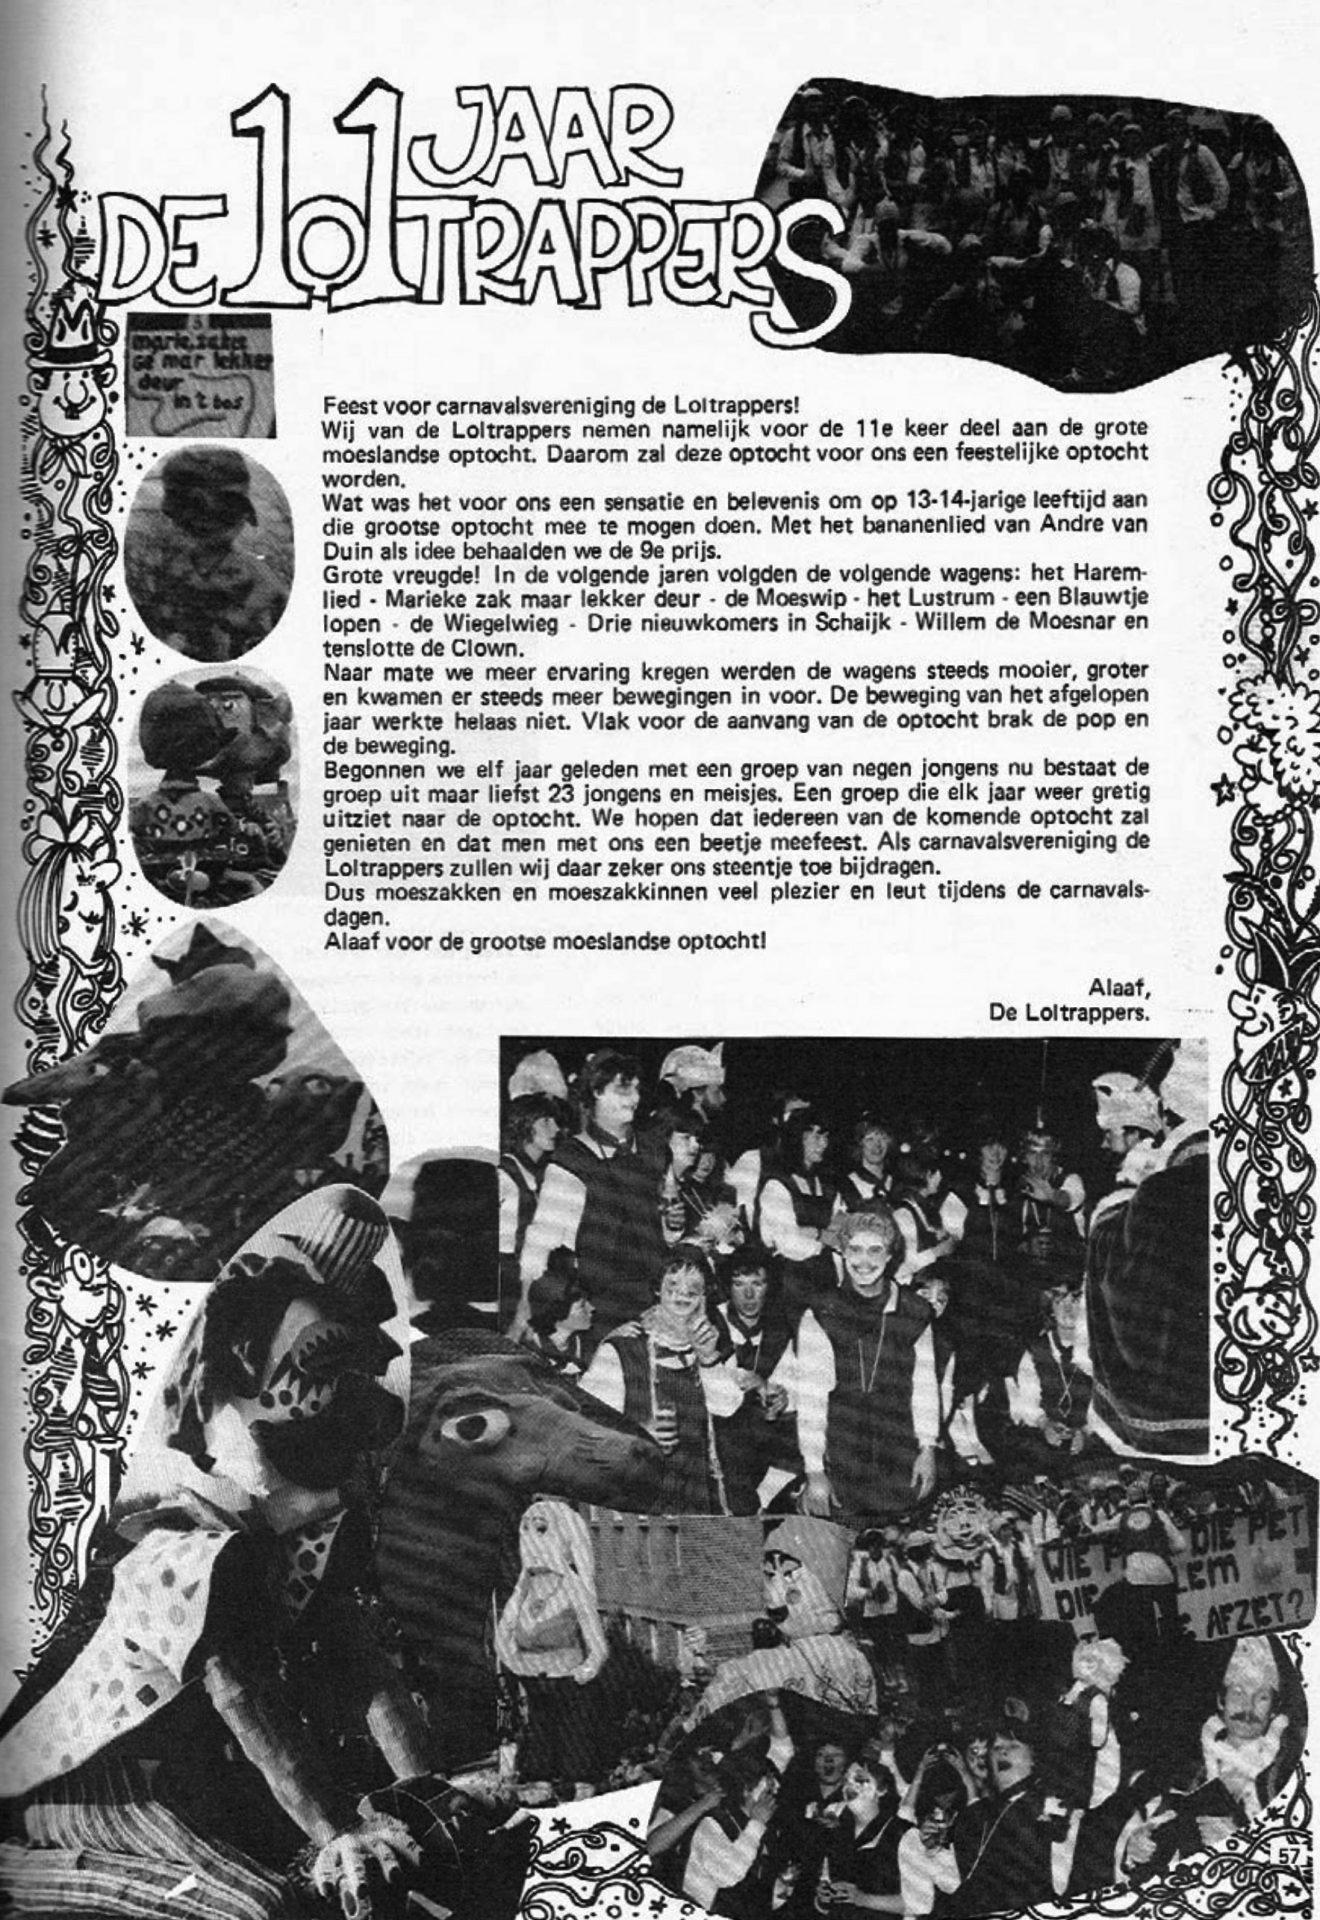 Stukje uit de carnavalskrant van de Loltrappers - 1983